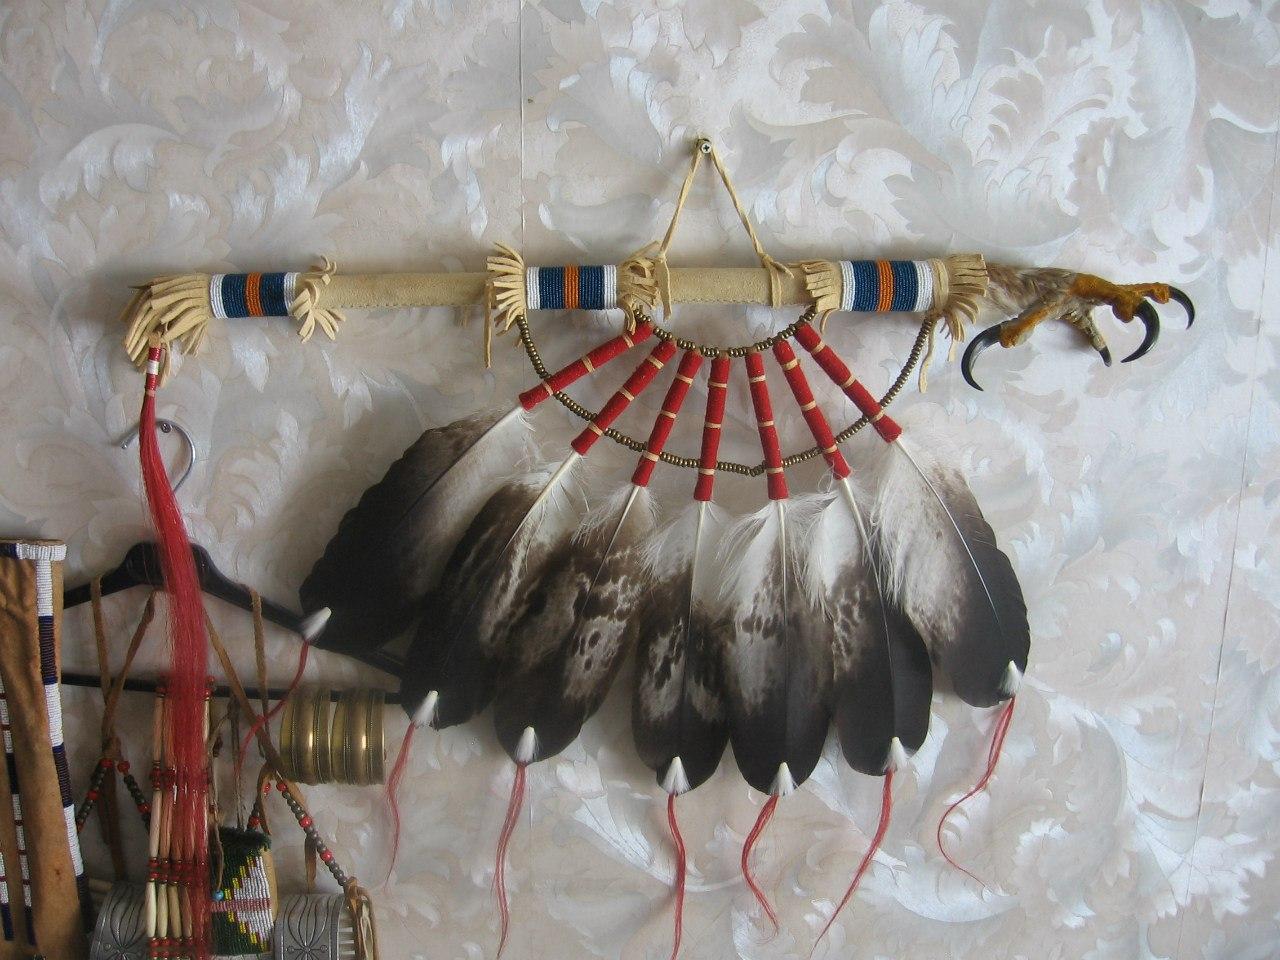 Продается жезл с лапой беркута - танцевальная ргалия для Северного традиционного (old style) Dx9rPWiCcsM